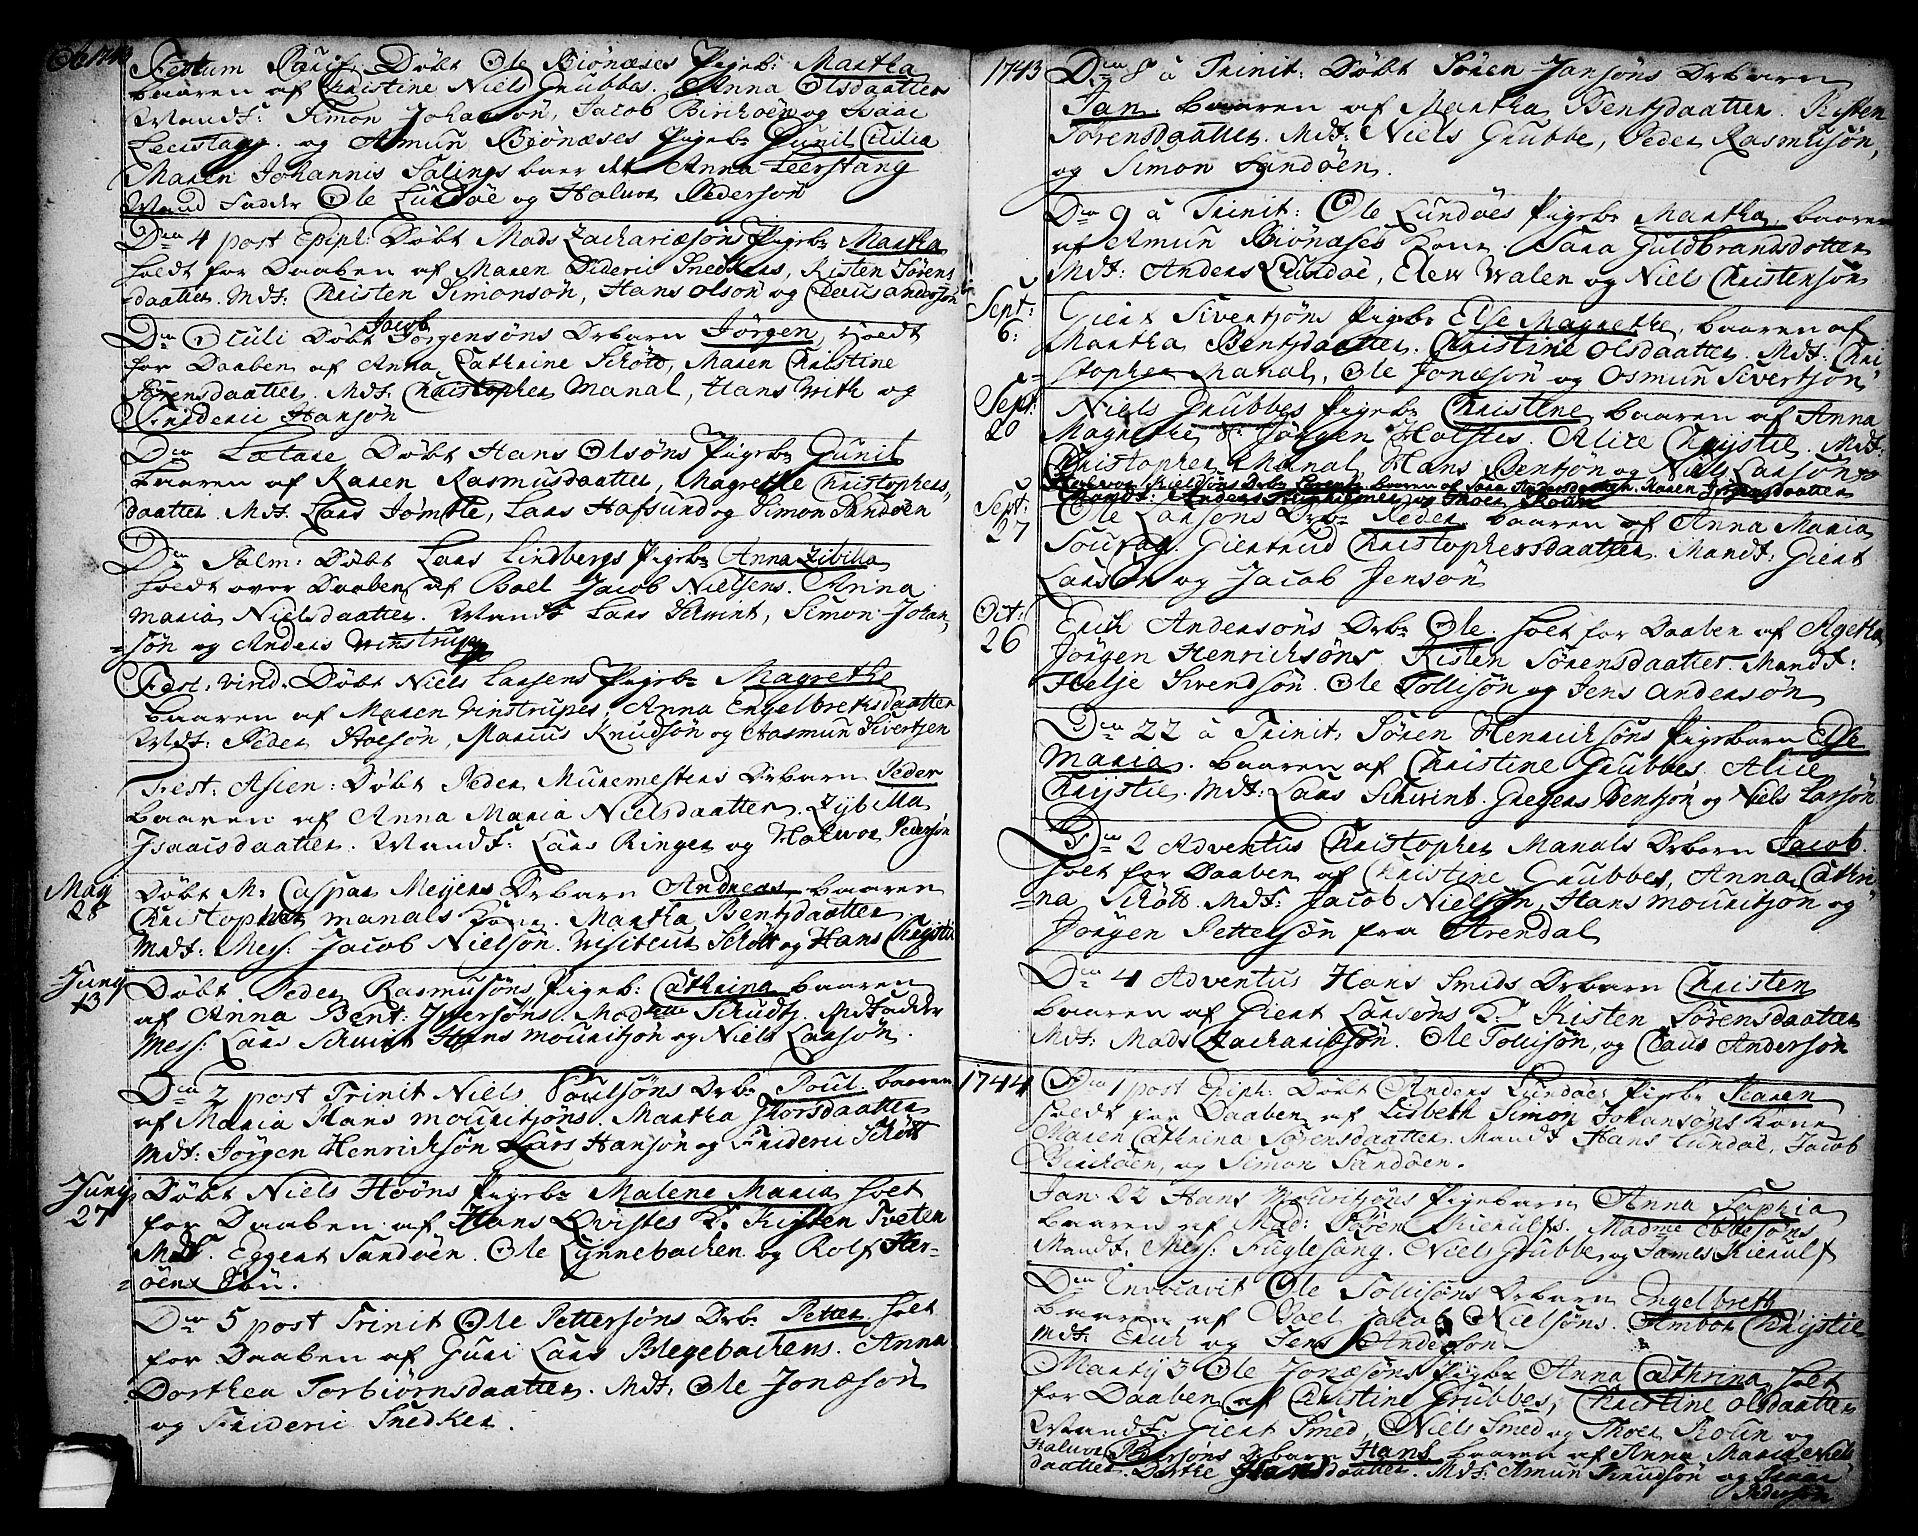 SAKO, Brevik kirkebøker, F/Fa/L0002: Ministerialbok nr. 2, 1720-1764, s. 34n